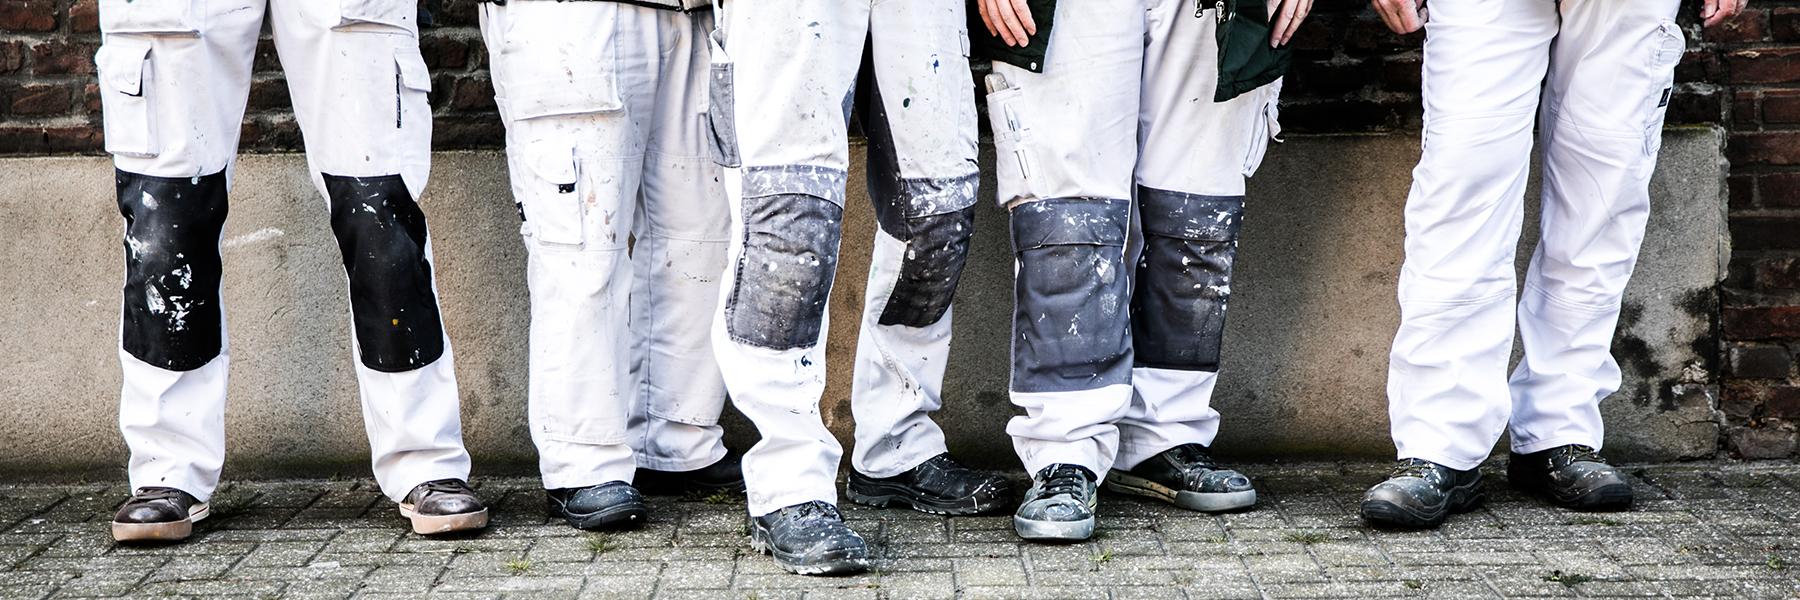 5 schilders die met hun gebruikte broeken op de foto staan